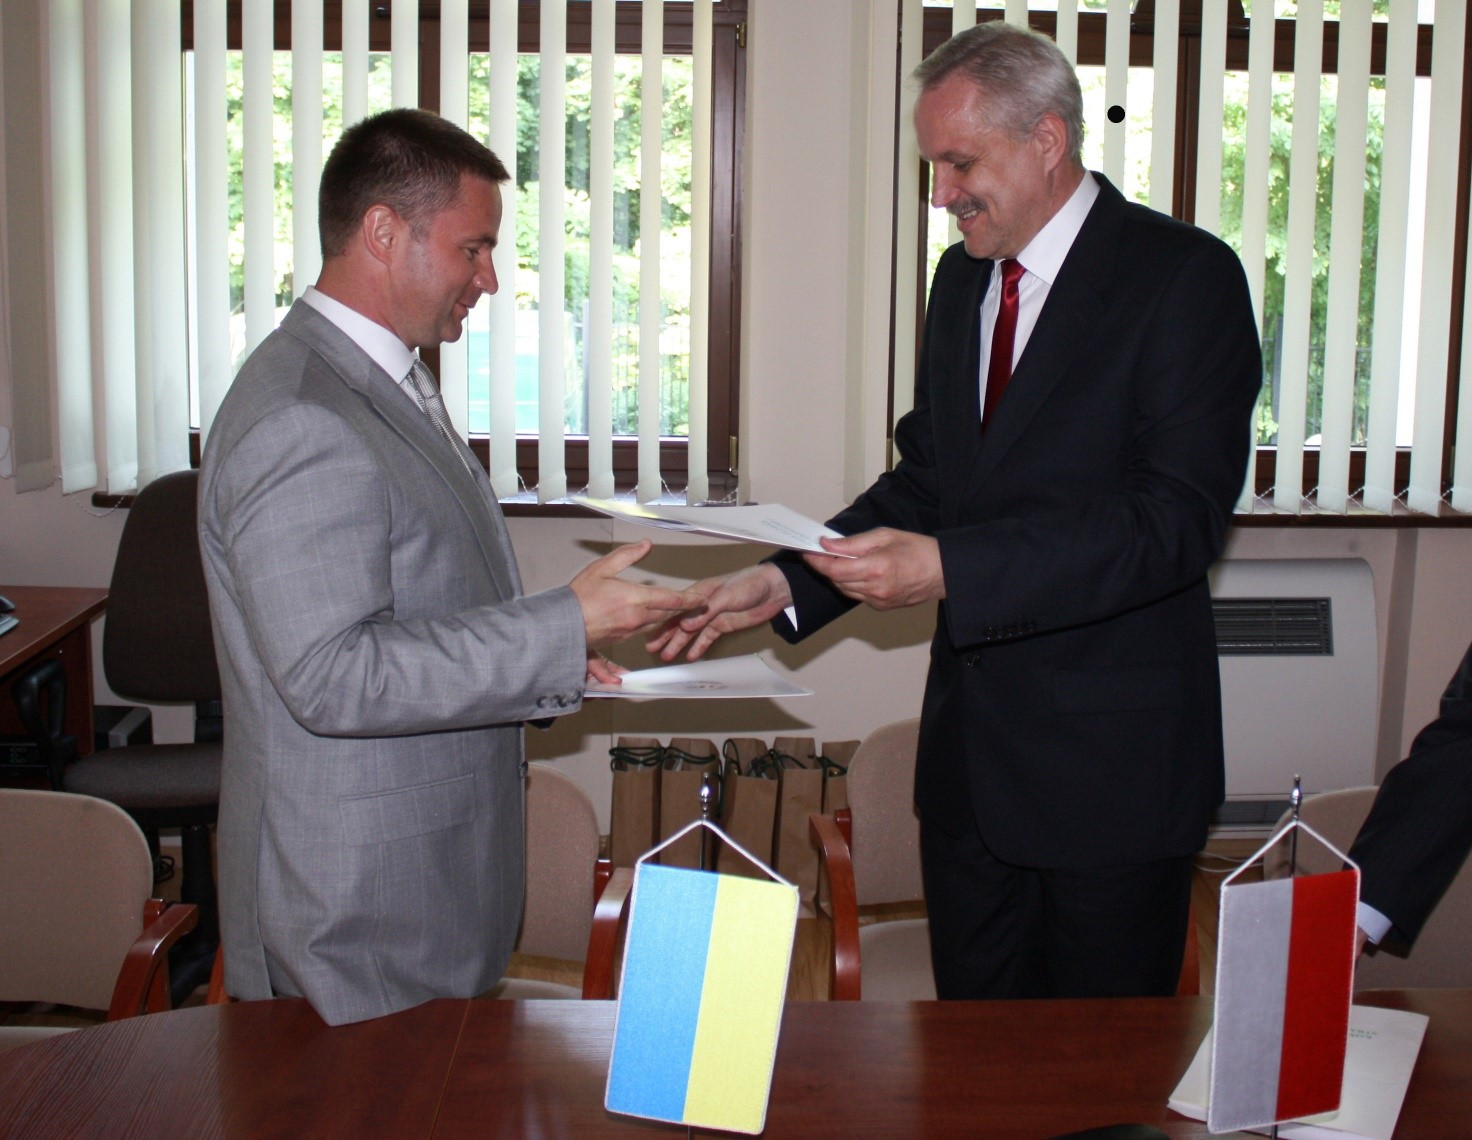 Вадим Слюсарев (зліва) виявився надто токсичною фігурою для Зе-команди